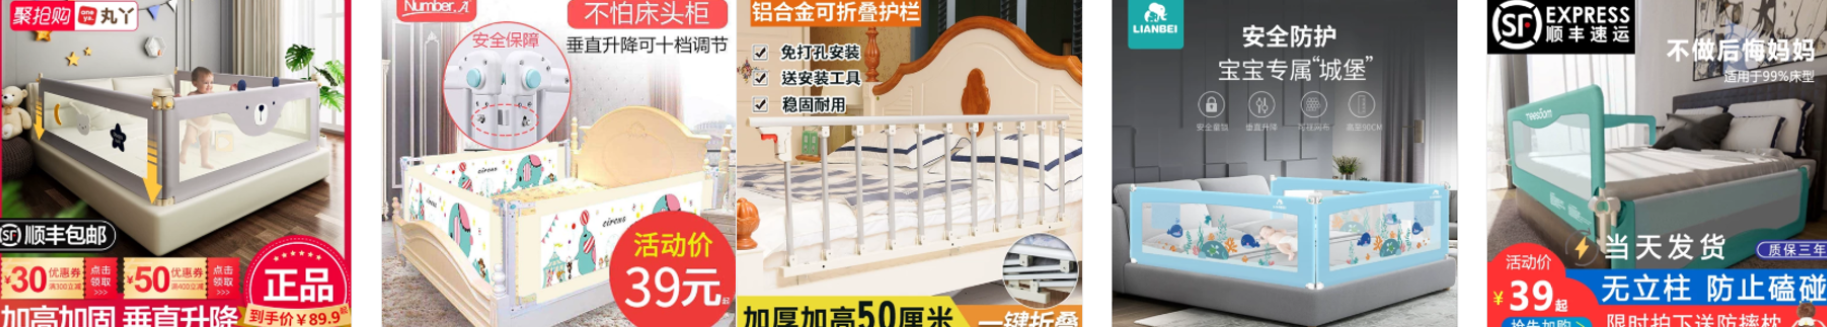 Hàng rào chắn giường, cầu thang siêu an toàn cho bé